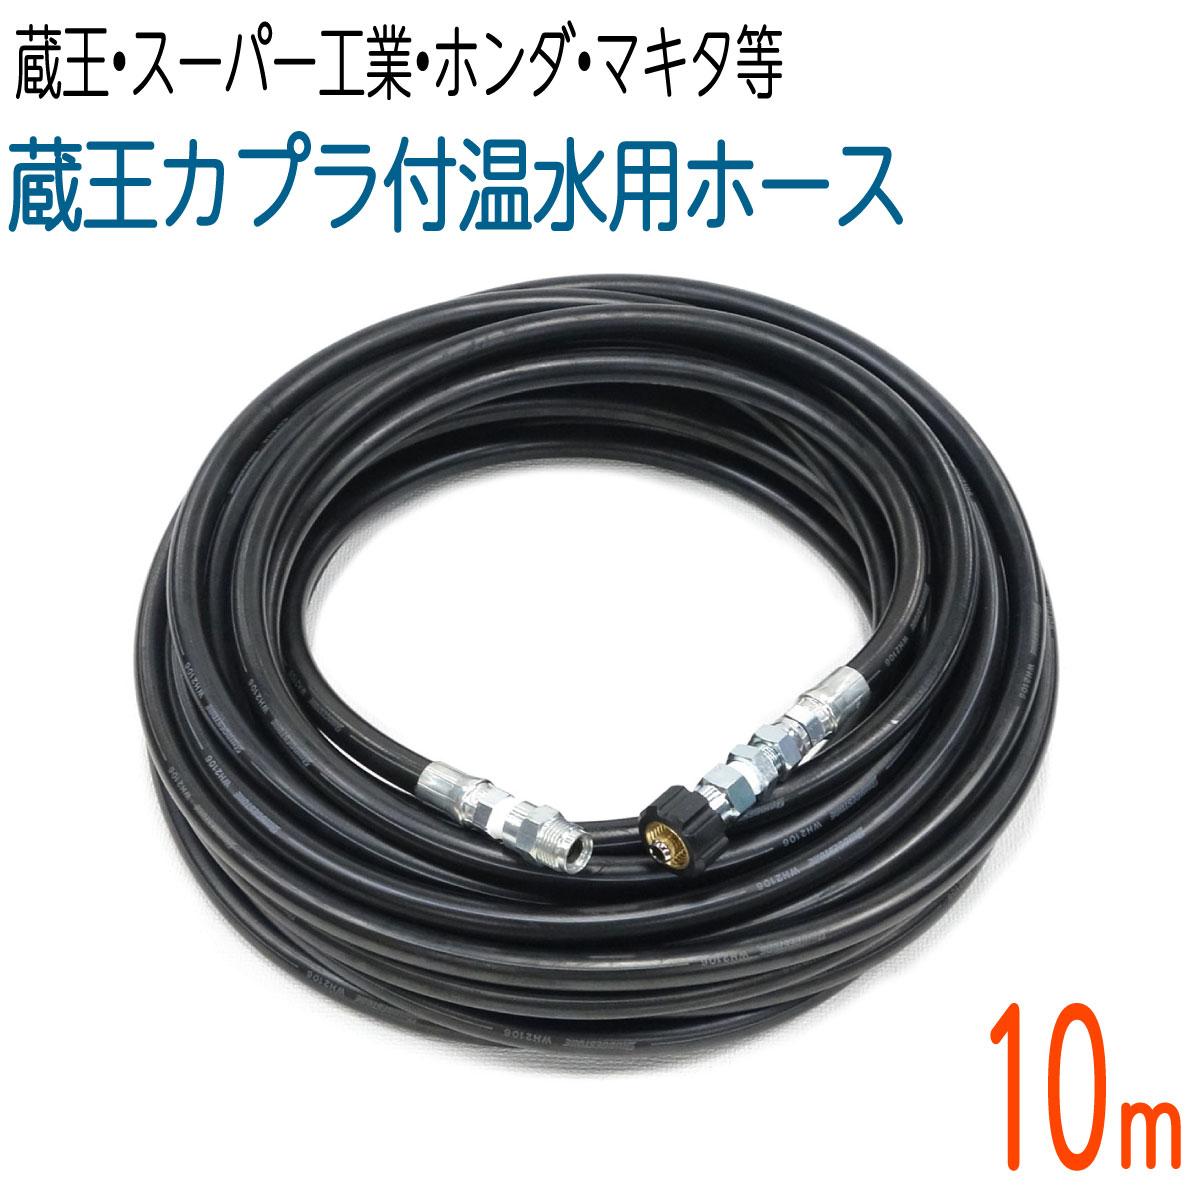 【10M】温水ホース蔵王産業(エンジン式)・スーパー工業対応カプラ付き